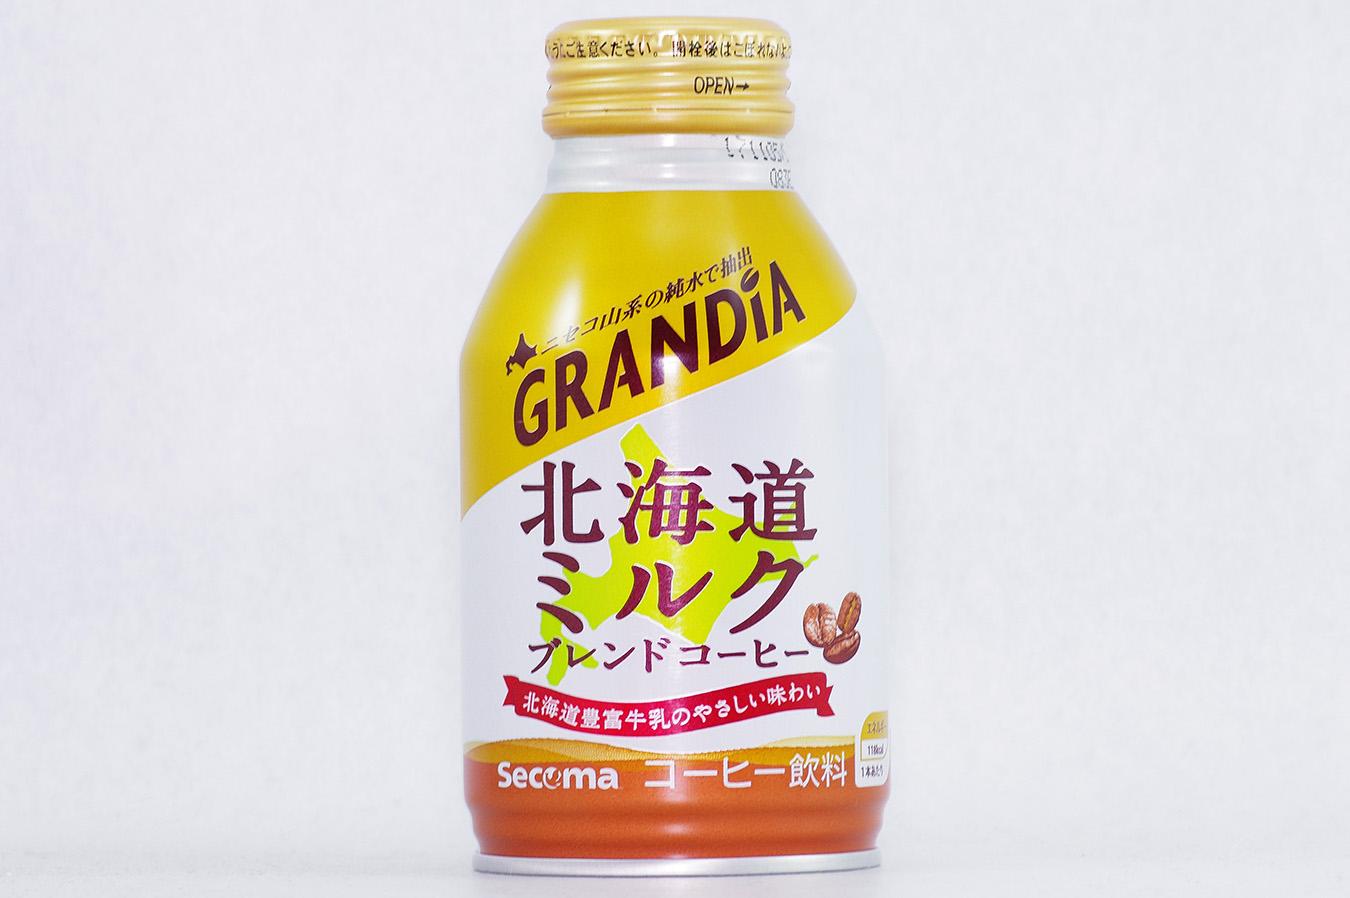 GRANDIA 北海道ミルクブレンドコーヒー 2017年1月